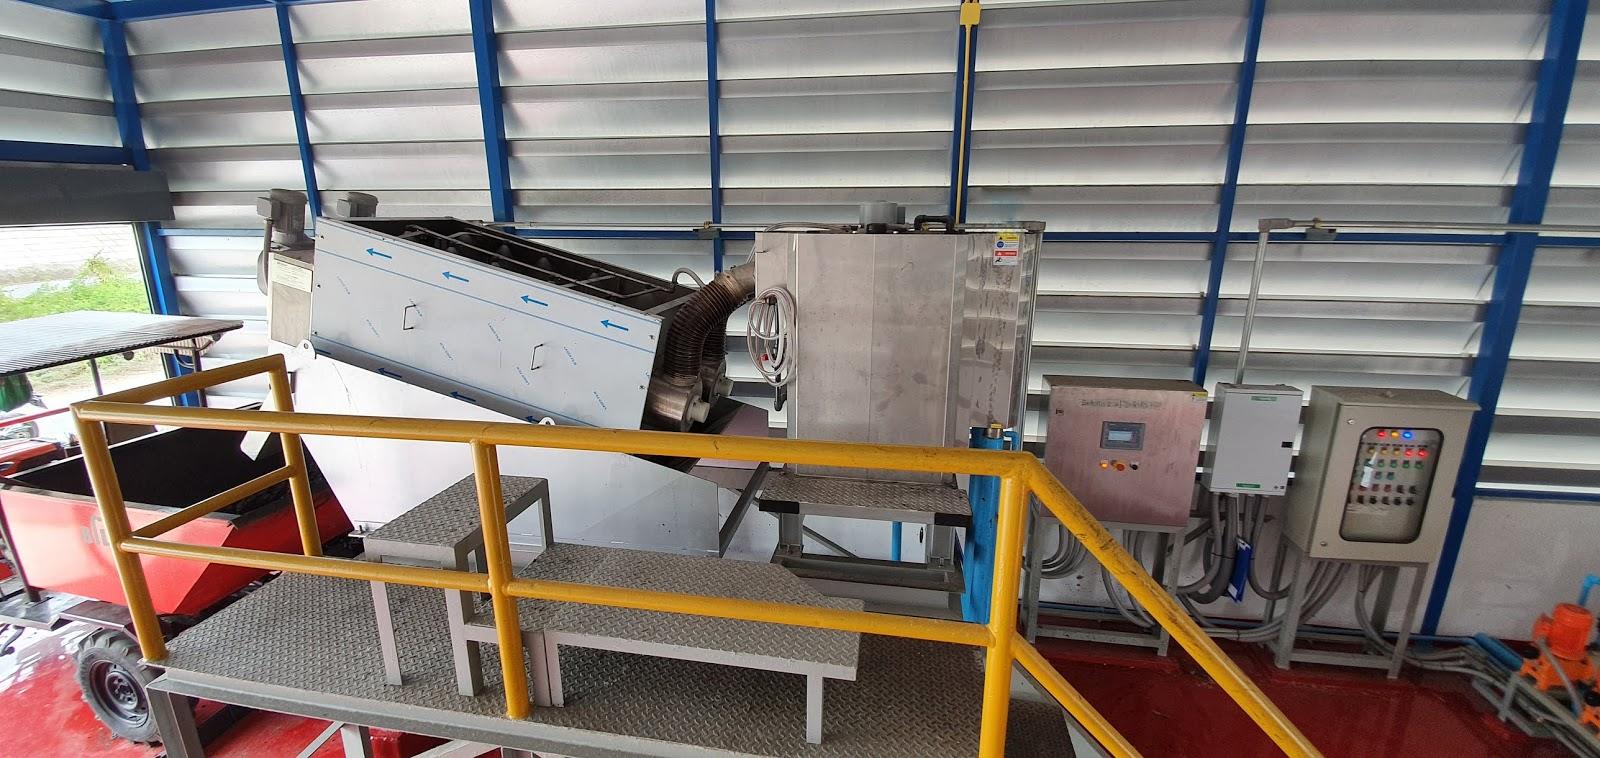 ภาพของตัวเครื่อง Screw Press